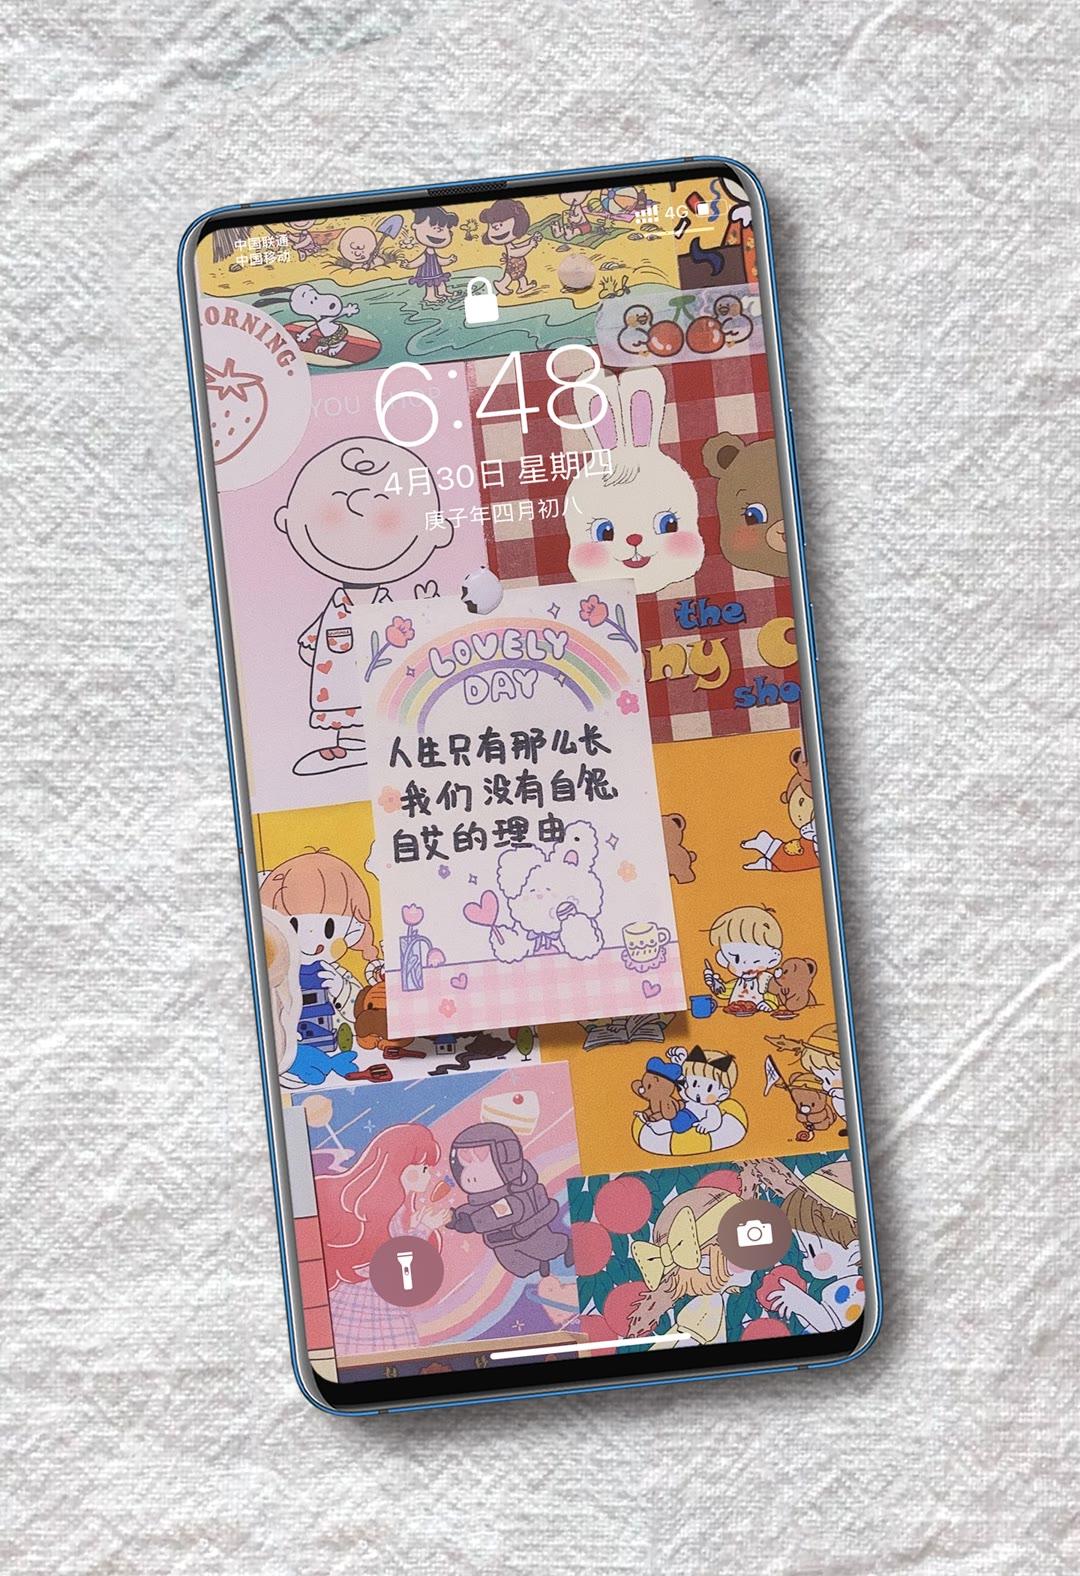 可可爱爱适合女孩子用的手机壁纸